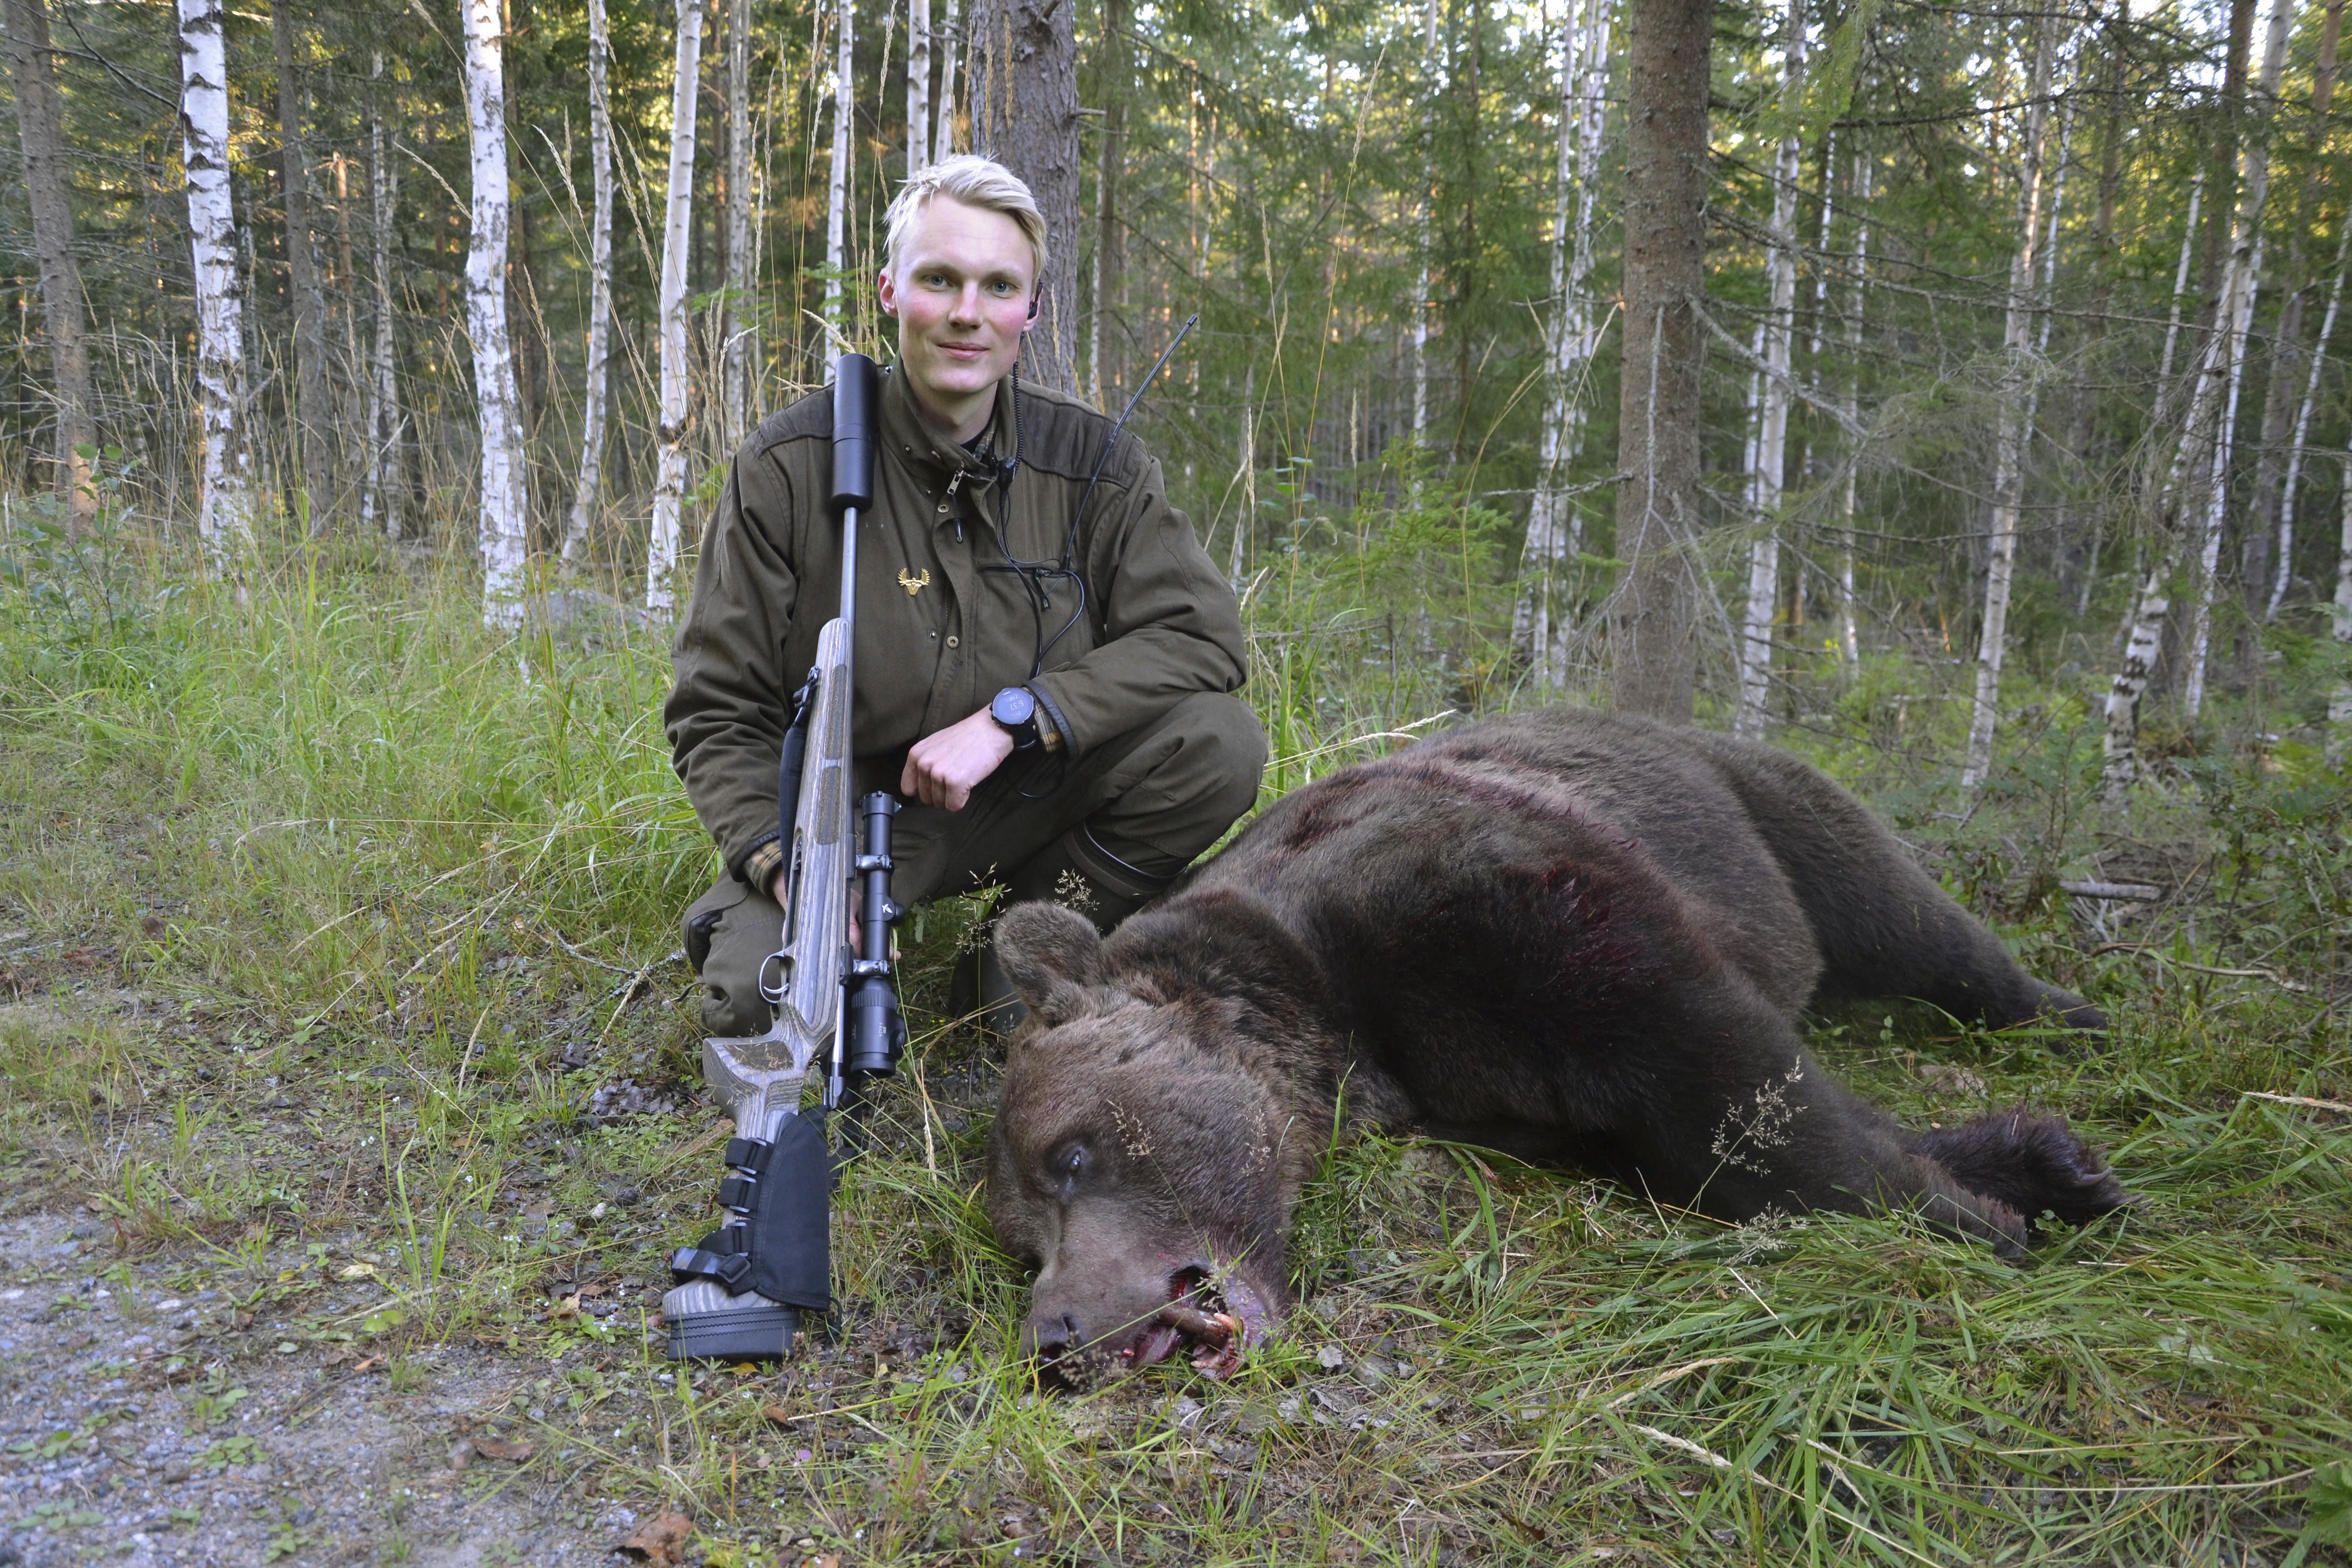 2018 fick Johan Alkberg skjuta sitt livs första björn - en 281-kilos hane som blev den största som fälldes i den svenska licensjakten förra året. Foto: Torbjörn Pant